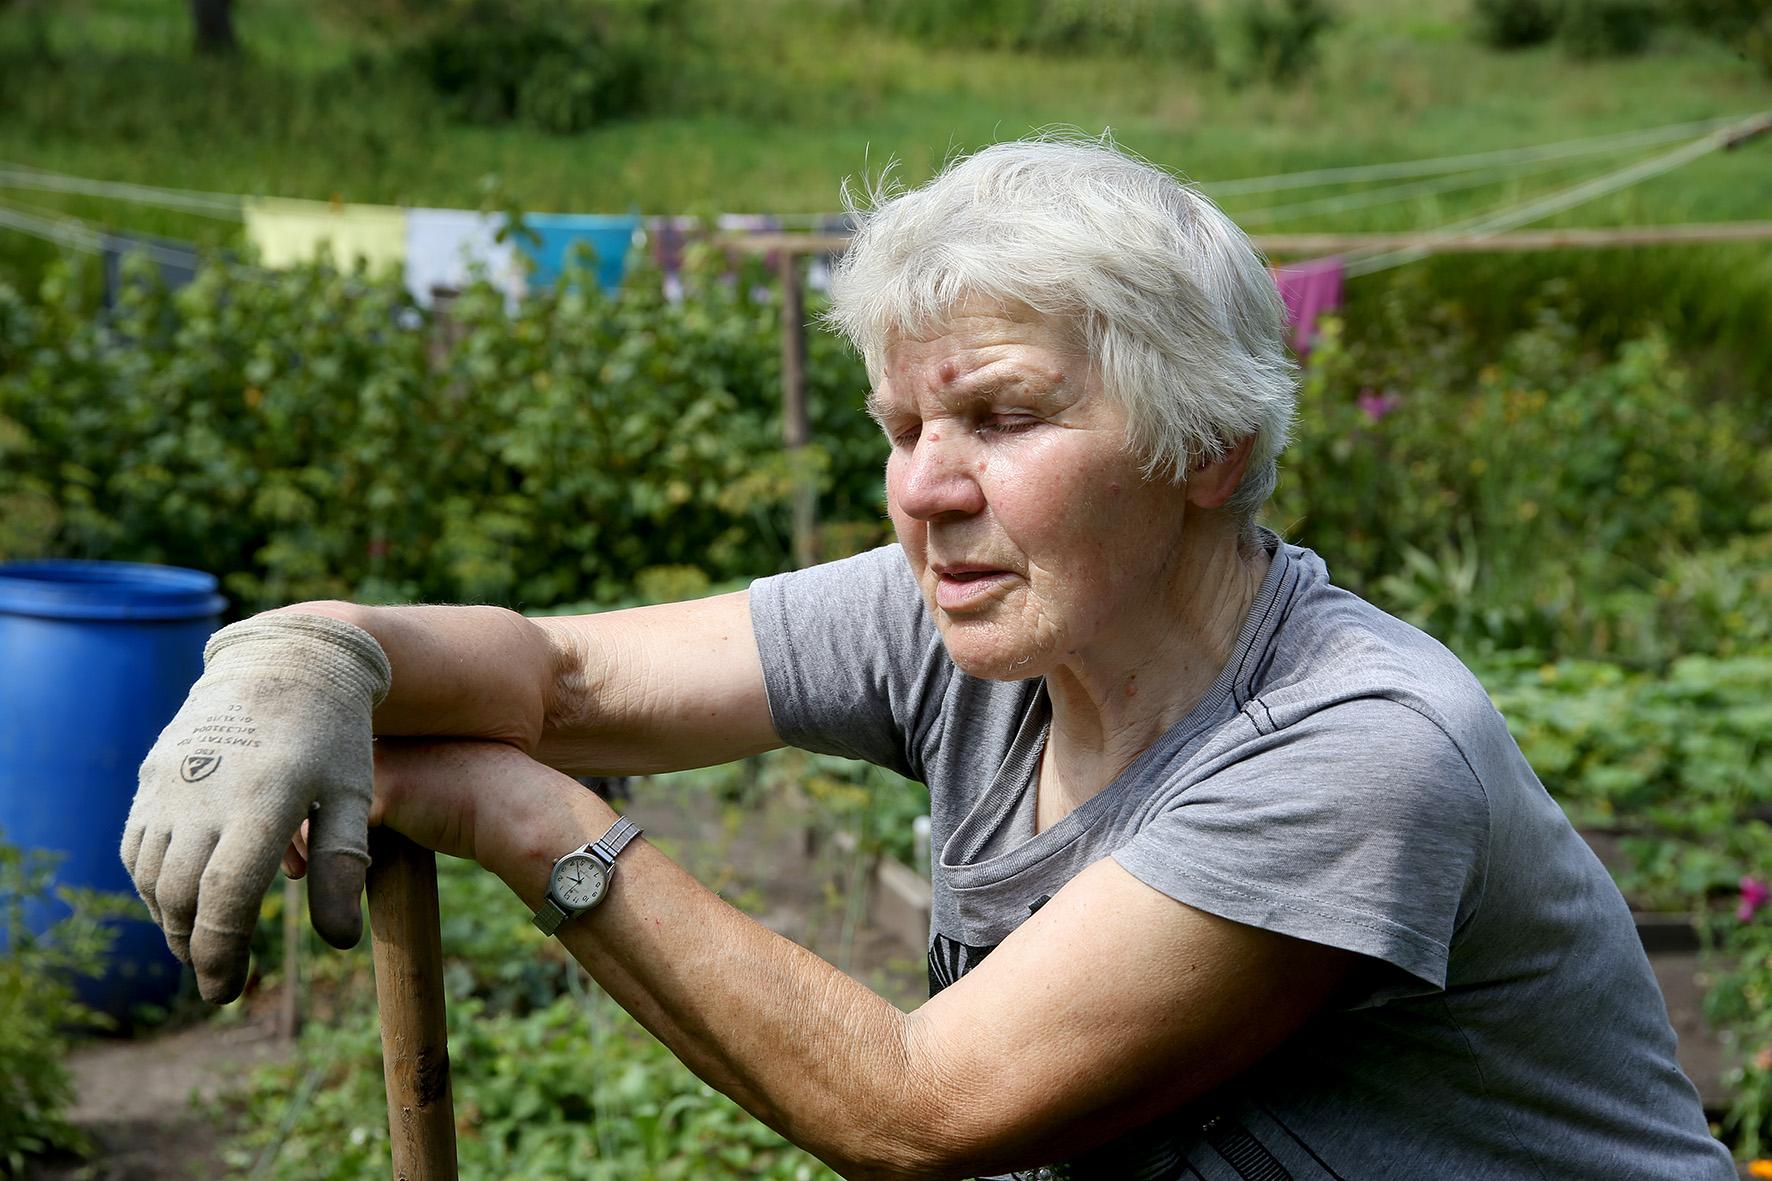 Terespolyje penkiasdešimt metų išgyvenusi Vanda kraustytis iš šio ganėtinai atokaus kampelio tikrai neketina. Kaip ji patikino, jos dukra taip pat. A. Barzdžiaus nuotr.